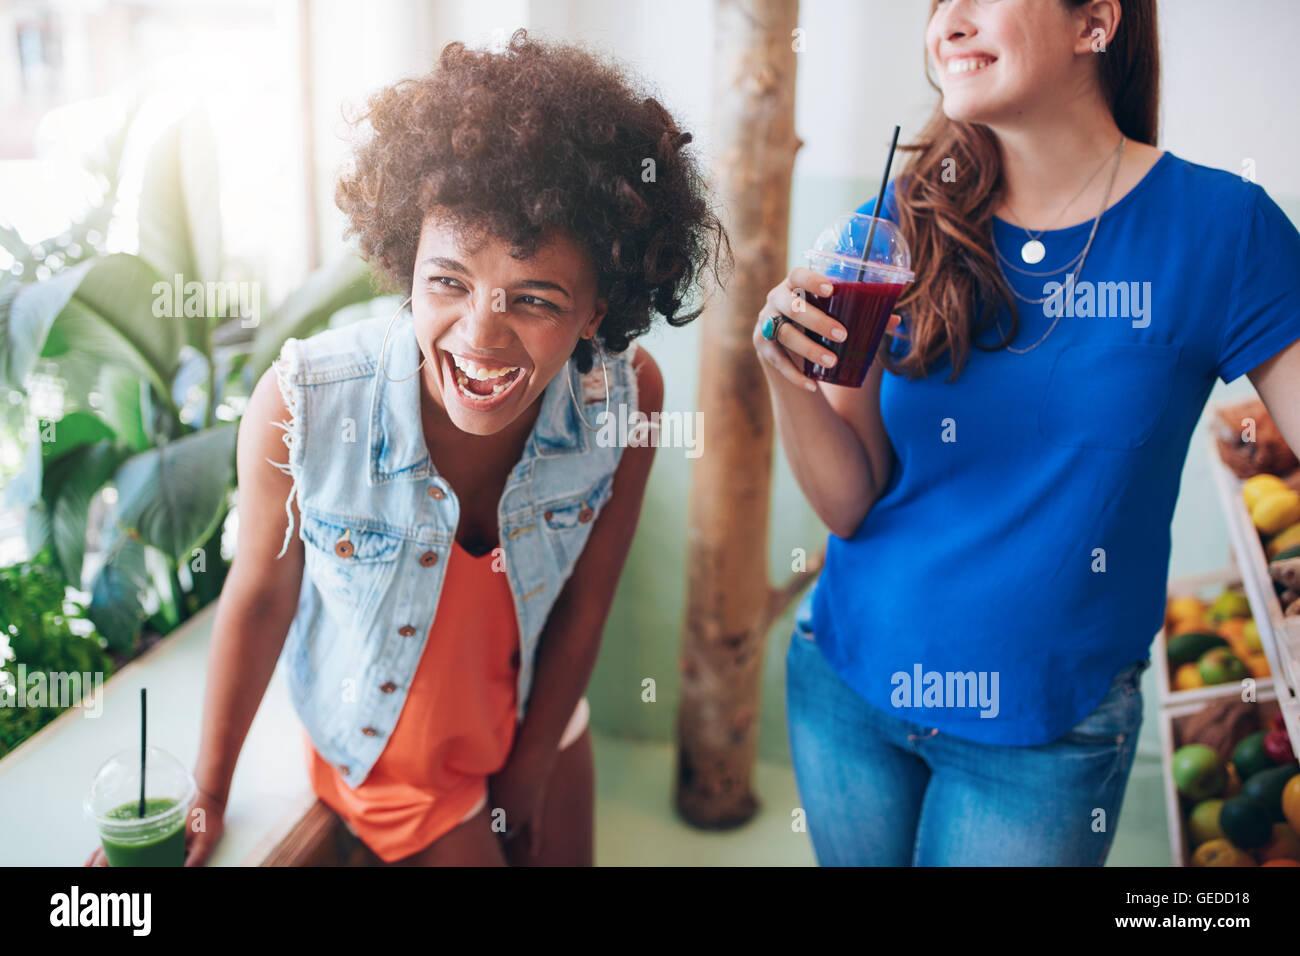 Retrato de mujer joven en alegre juice bar con un vaso de jugo fresco. Amigos disfrutando de un bar de zumos. Imagen De Stock